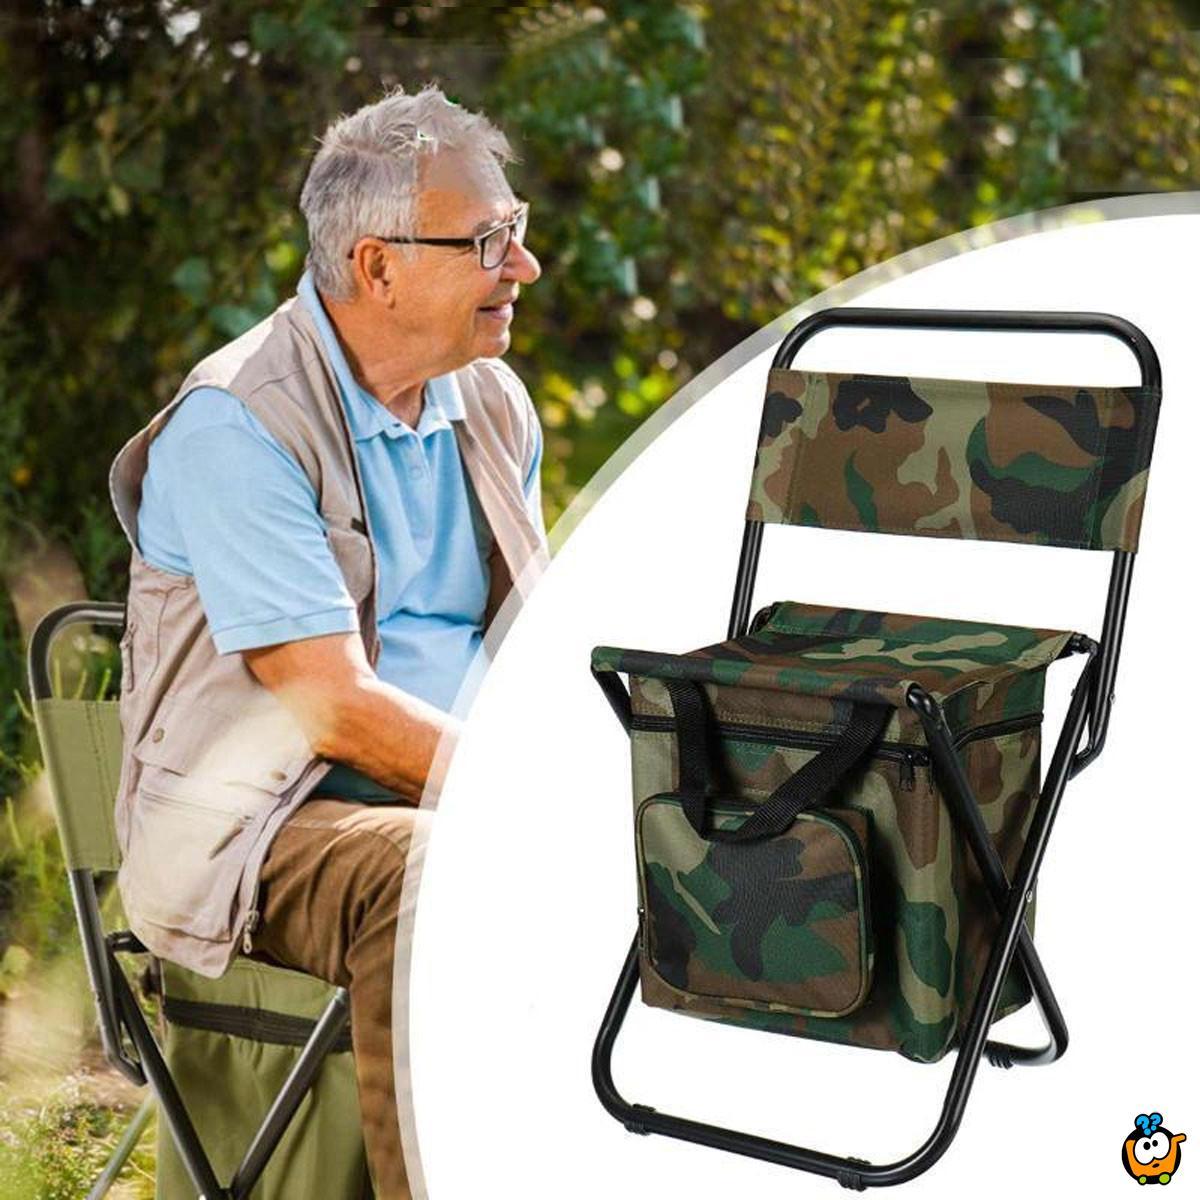 2u1 Sklopiva kamp stolica koja se sklapa u torbu